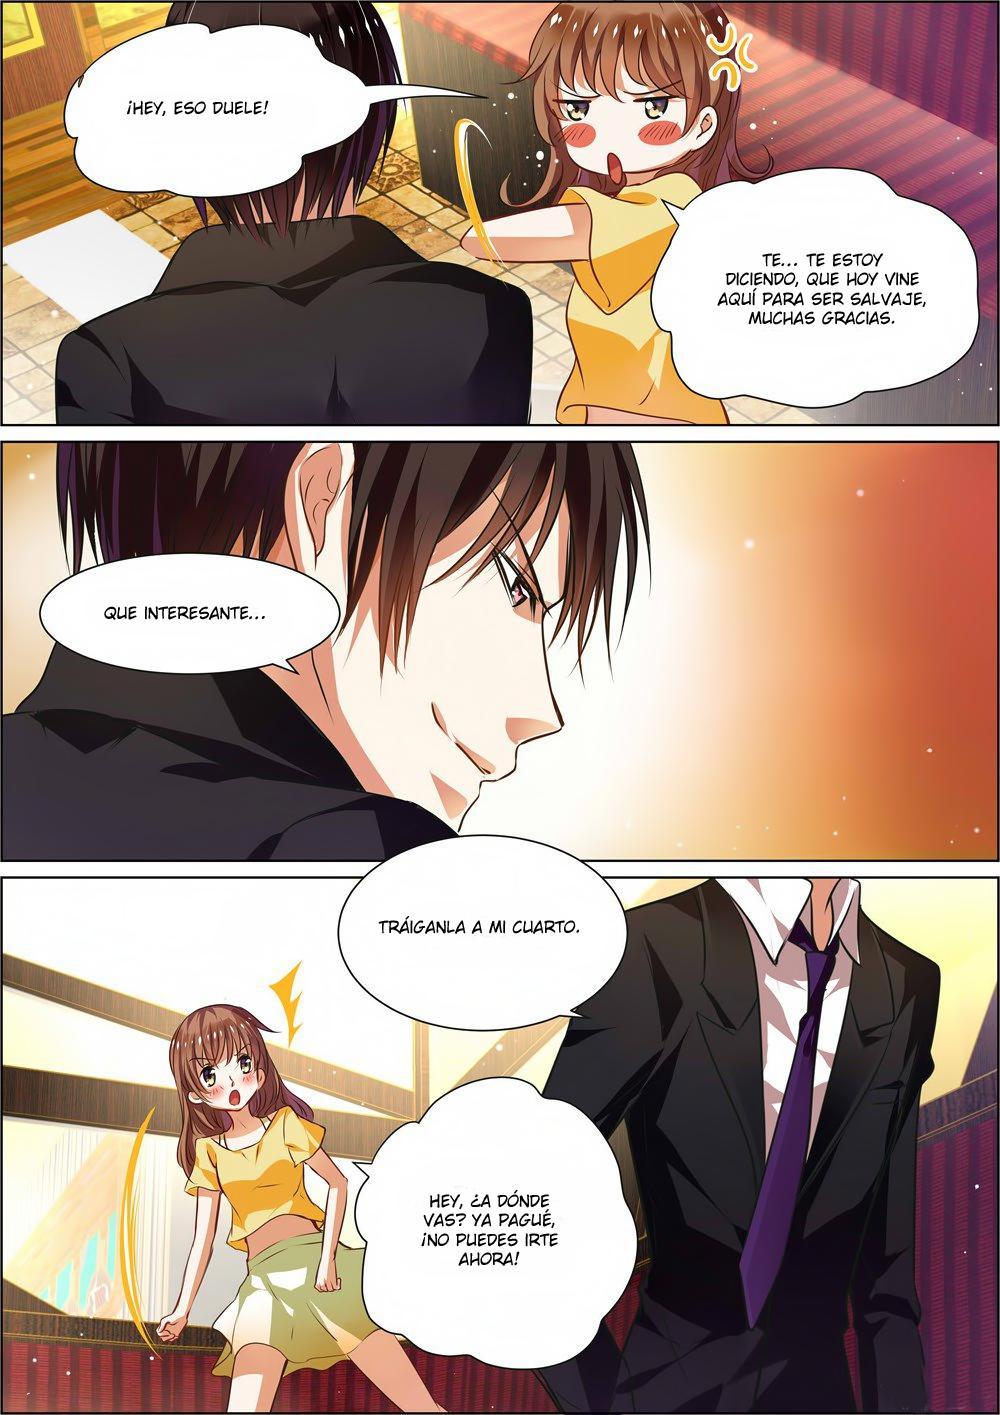 http://c5.ninemanga.com/es_manga/5/16069/385054/7fee58d0bf7f1f888528a6aed4d9534e.jpg Page 4